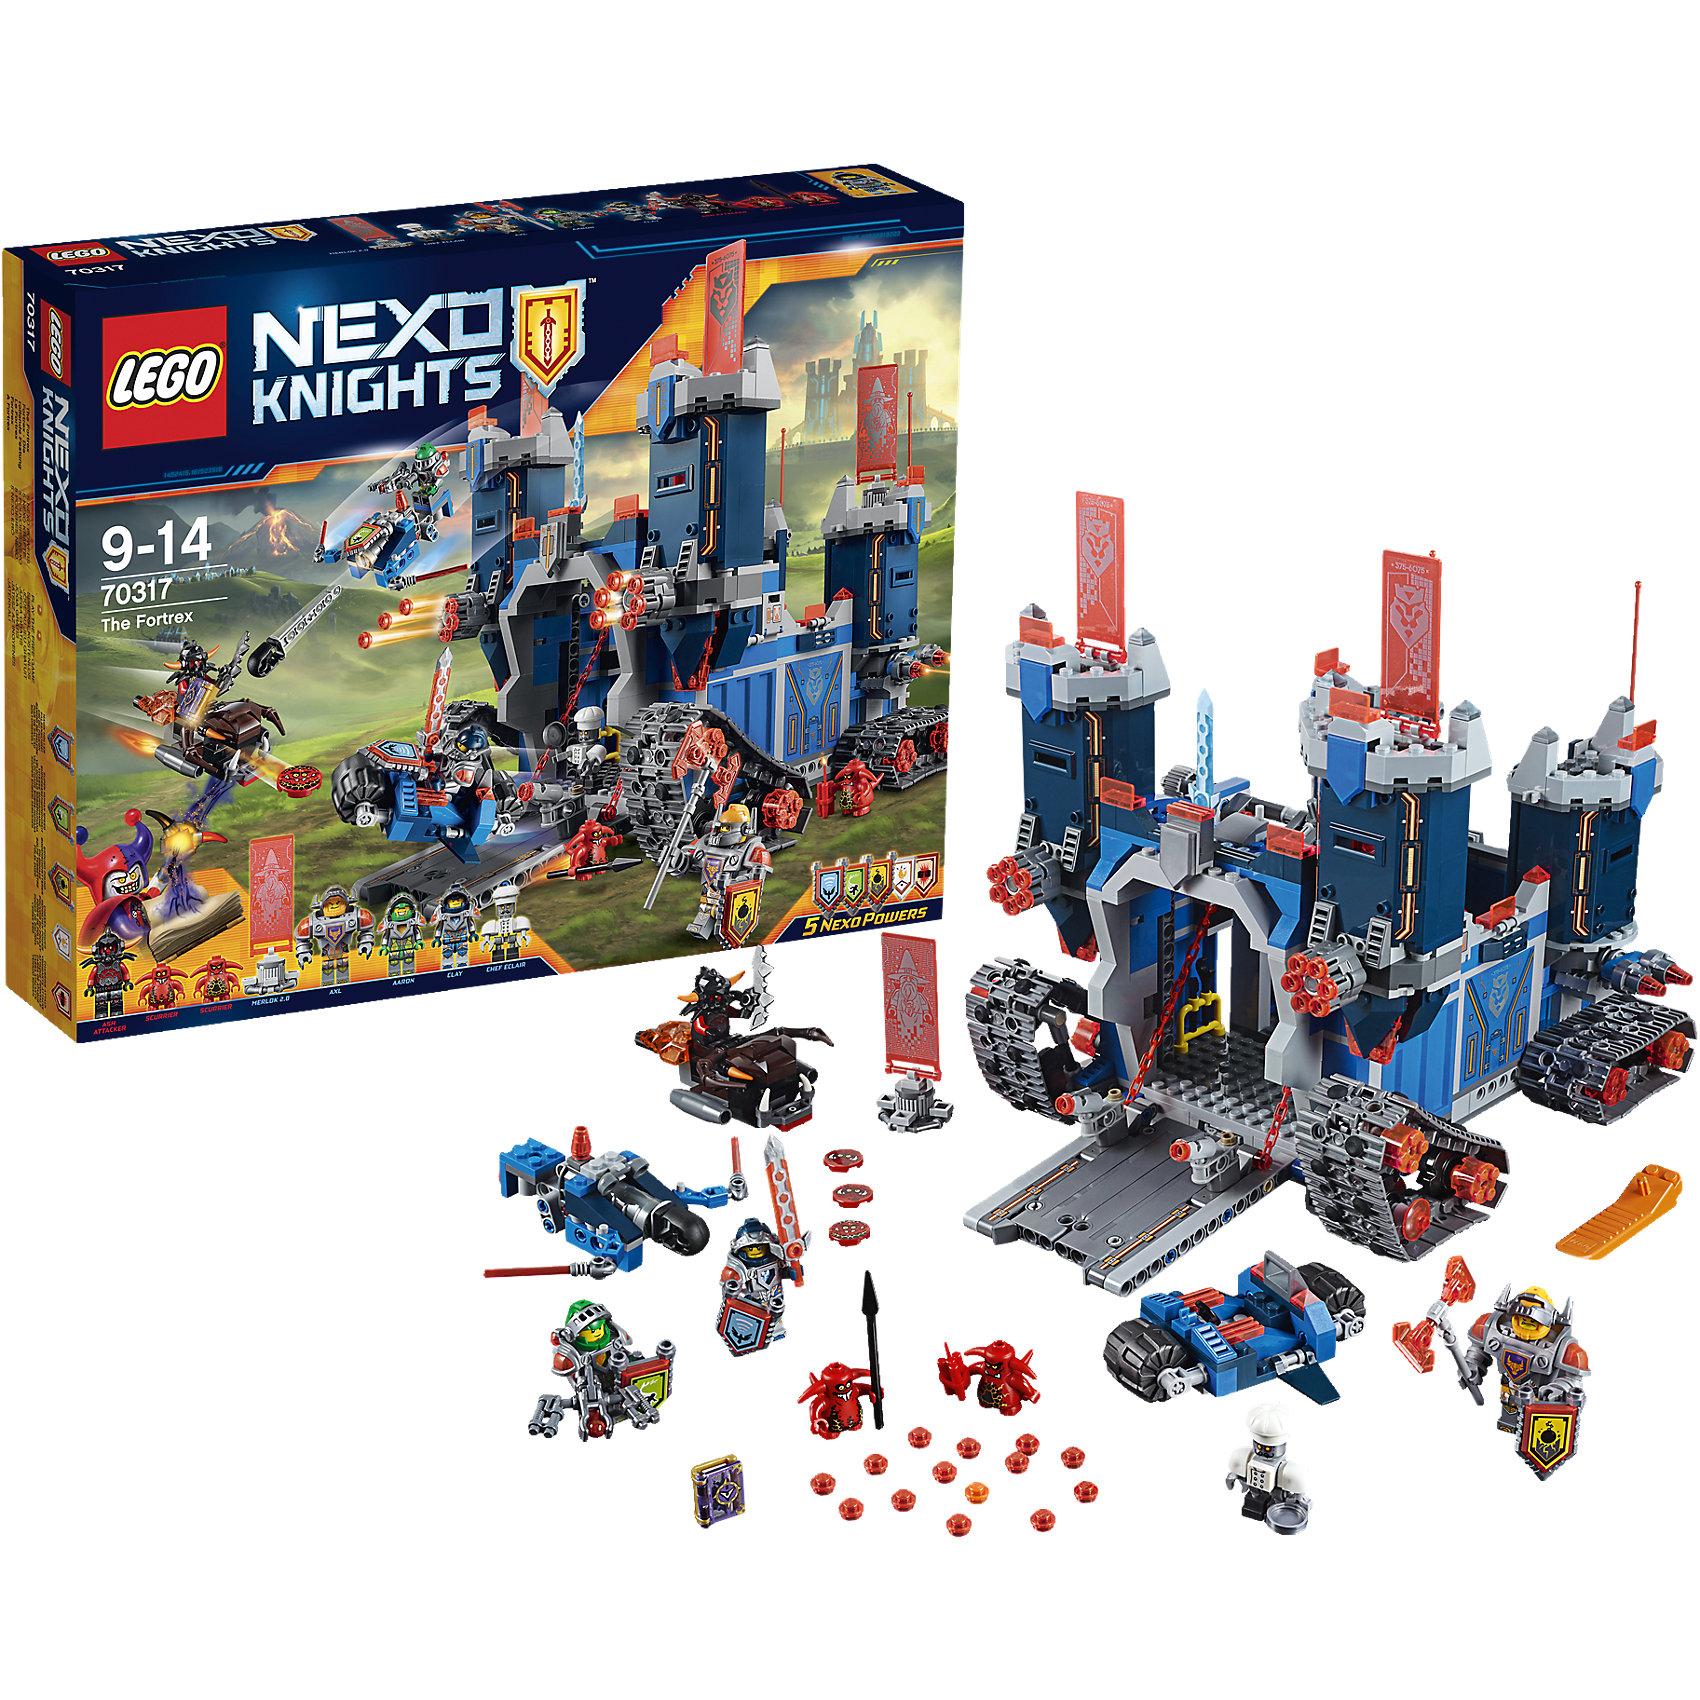 LEGO NEXO KNIGHTS 70317: Фортрекс - мобильная крепостьКогда Джестро угрожает Найтонии, рыцари LEGO NEXO KNIGHTS встают на защиту королевства! Отправь в бой Фортрекс, огромную мобильную крепость! Захвати в плен Пеплометателя и Шустриков с помощью рыцарского мотоцикла и Аэромолота V1. Штаб рыцарей, оснащённый по последнему слову техники, находится за раскладными стенами. Получи указания от Мерлока 2.0 и составь план следующей миссии за круглым столом— вместе вы сможете остановить Джестро и не дать ему завладеть Книгой Зла. <br><br>LEGO Nexo Knights ( ЛЕГО Нексо Найт) - это невероятный мир прогресса и новых технологий, в котором все же нашлось место для настоящих рыцарей, магии и волшебства. Удивительное сочетание футуризма и средневековой романтики увлекает и детей, и взрослых, а множество наборов серии и высокая детализация позволяют создать свой волшебный мир Nexo Knights!<br><br>Дополнительная информация:<br><br>- Конструкторы ЛЕГО развивают усидчивость, внимание, фантазию и мелкую моторику. <br>- 7 минифигурок с оружием и аксессуарами: Клэй, Аарон, Аксель, шеф-повар Эклер, Пеплометатель и 2 Шустрика.<br>- Комплектация: 7 фигурок, 5щитов для сканирования, дающих NEXO Силы: Сила земли, Сверхскорость, Клич Ястреба, Куриная Атака и Электрическая Атака, крепость, спидер, мотоцикл.<br>- Количество деталей: 1140.<br>- Серия LEGO Nexo Knights (ЛЕГО Нексо Найт).<br>- Материал: пластик.<br>- Размер крепости в распахнутом виде: 25х37х23 см.<br>- Размер мотоцикла Клэя: 3х9х7 см.<br>- Размер  Аэромолота V1 Аарона:5х10х13 см.<br>- Размер огненного спидера Пеплометателя: 4х10х3 см.<br>- Размер упаковки: 48х9,5х38 см.<br>- Вес: 1.7 кг.<br><br>LEGO NEXO KNIGHTS 70317: Фортрекс - мобильная крепость можно купить в нашем магазине.<br><br>Ширина мм: 482<br>Глубина мм: 372<br>Высота мм: 97<br>Вес г: 1777<br>Возраст от месяцев: 96<br>Возраст до месяцев: 168<br>Пол: Мужской<br>Возраст: Детский<br>SKU: 4259002